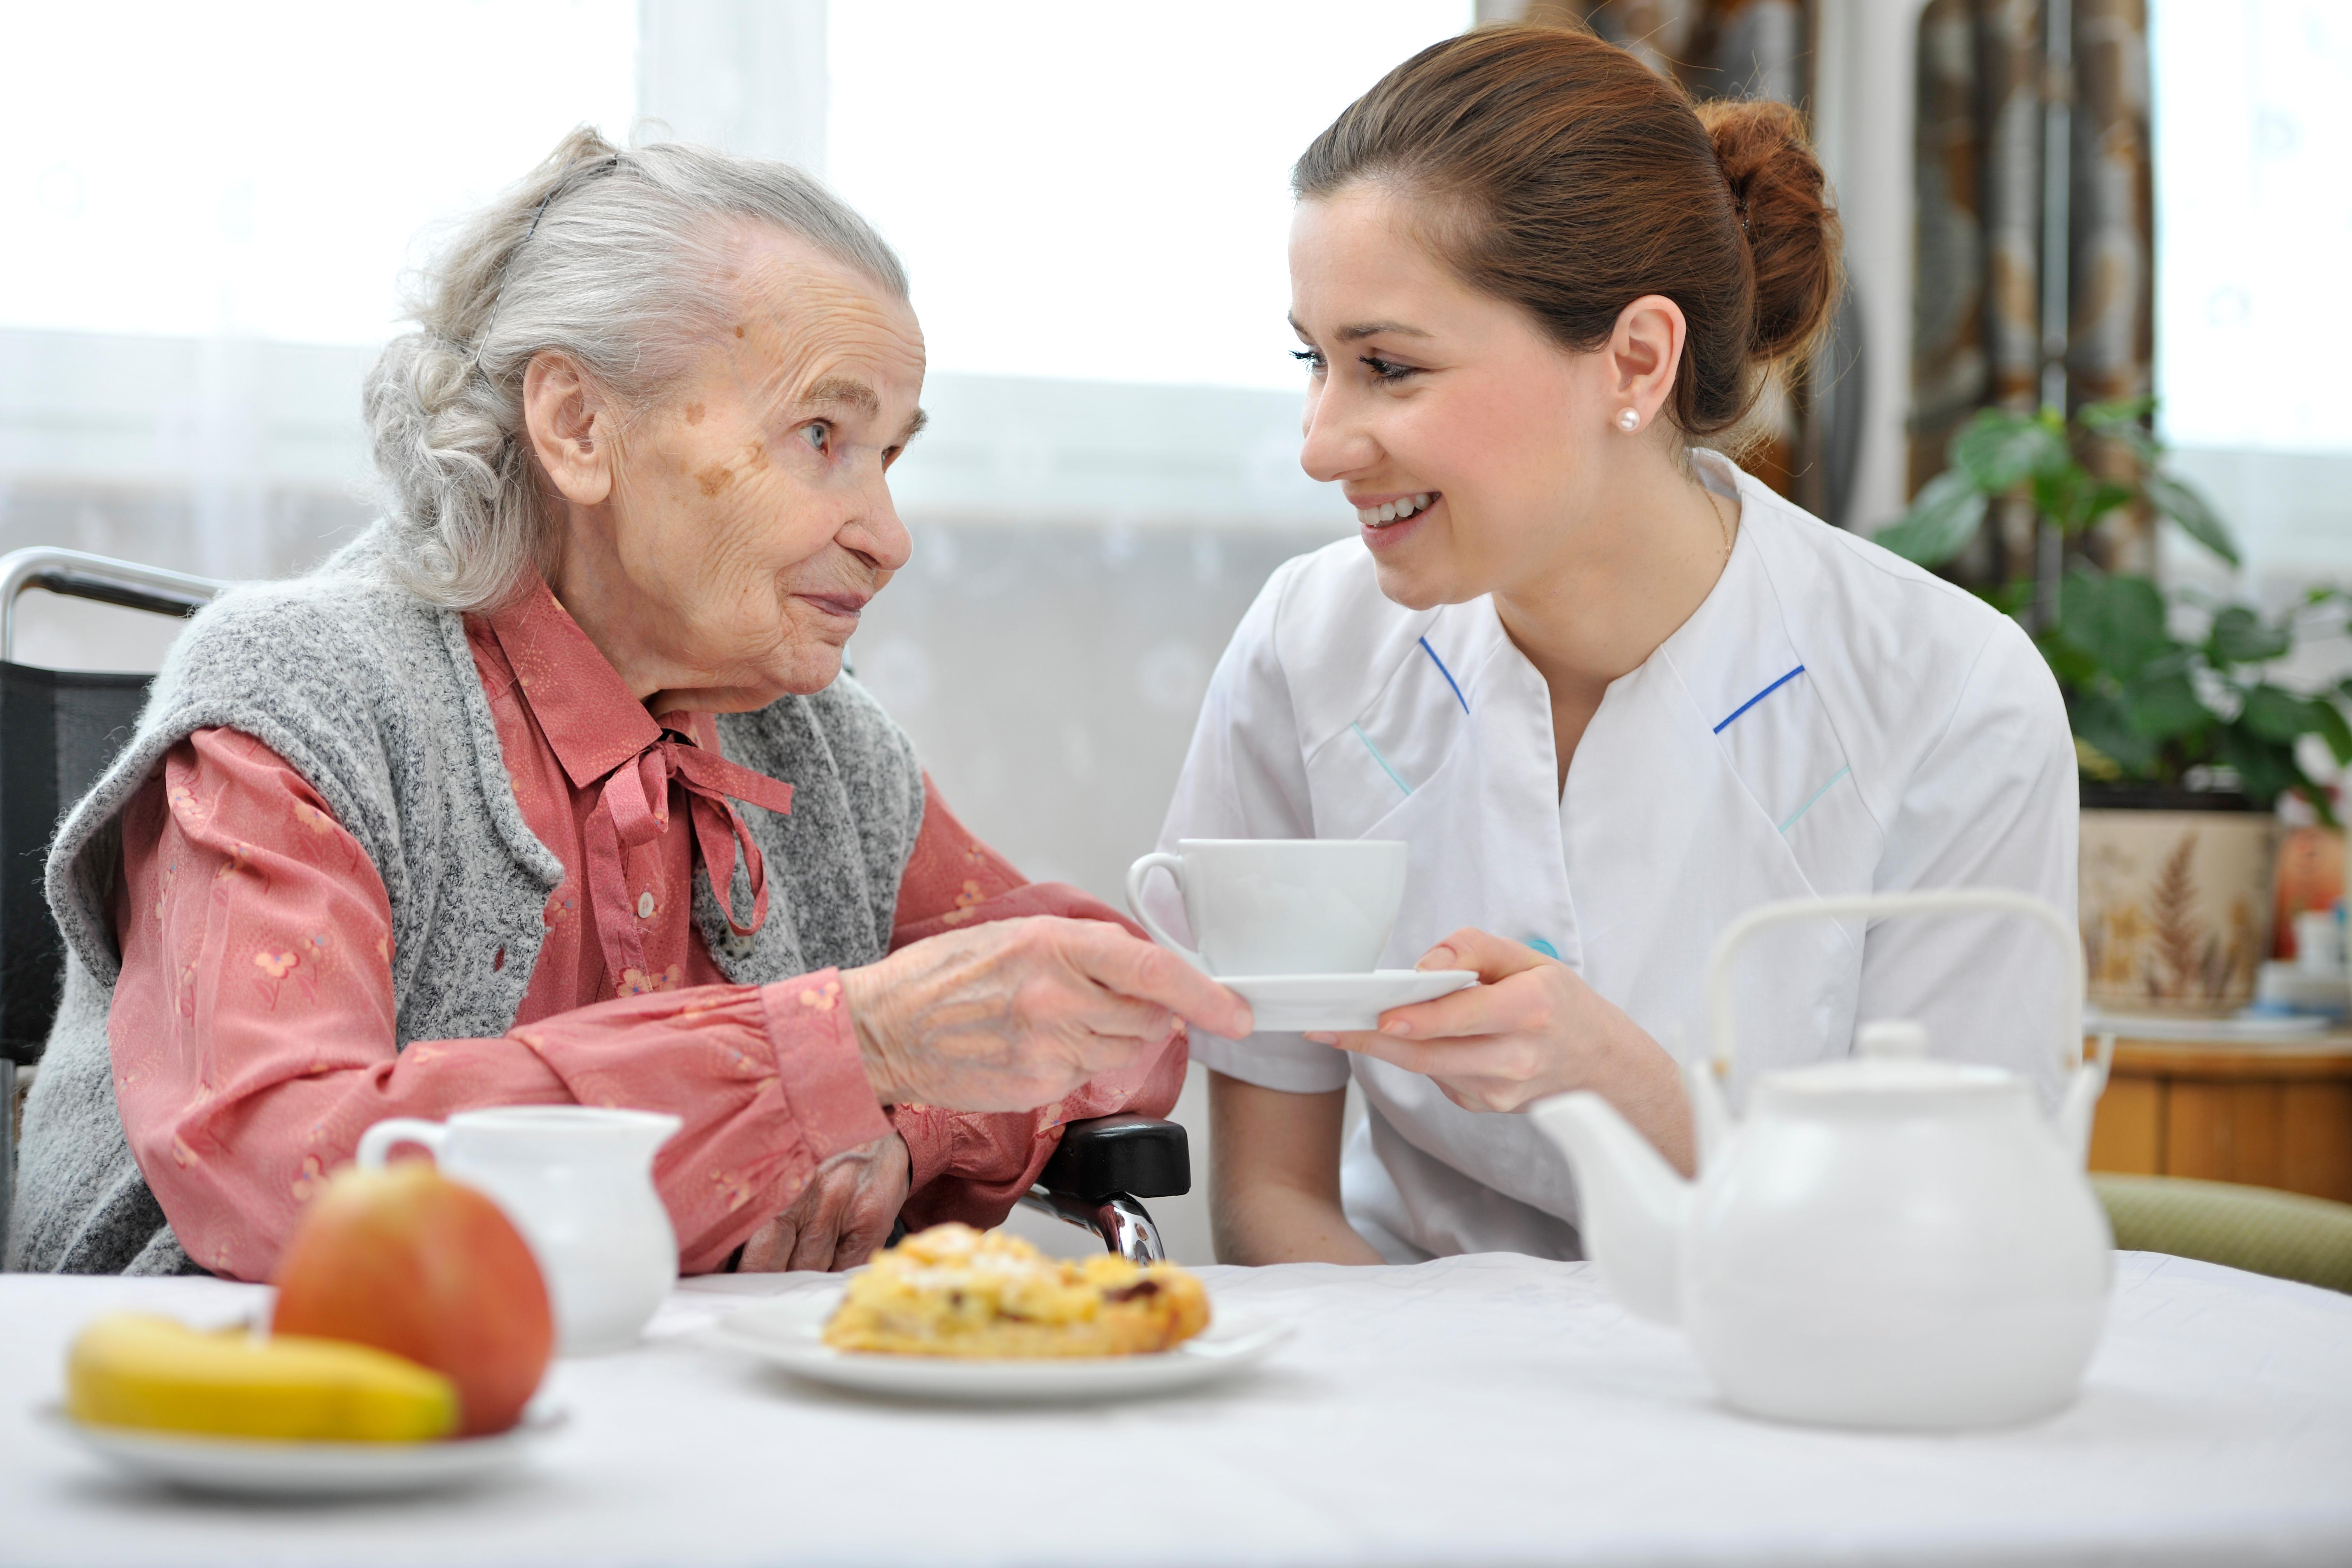 För hemtjänstpersonal innebär de nya riktlinjerna att de kan komma att behöva tillbringa mer tid hos dementa personer.